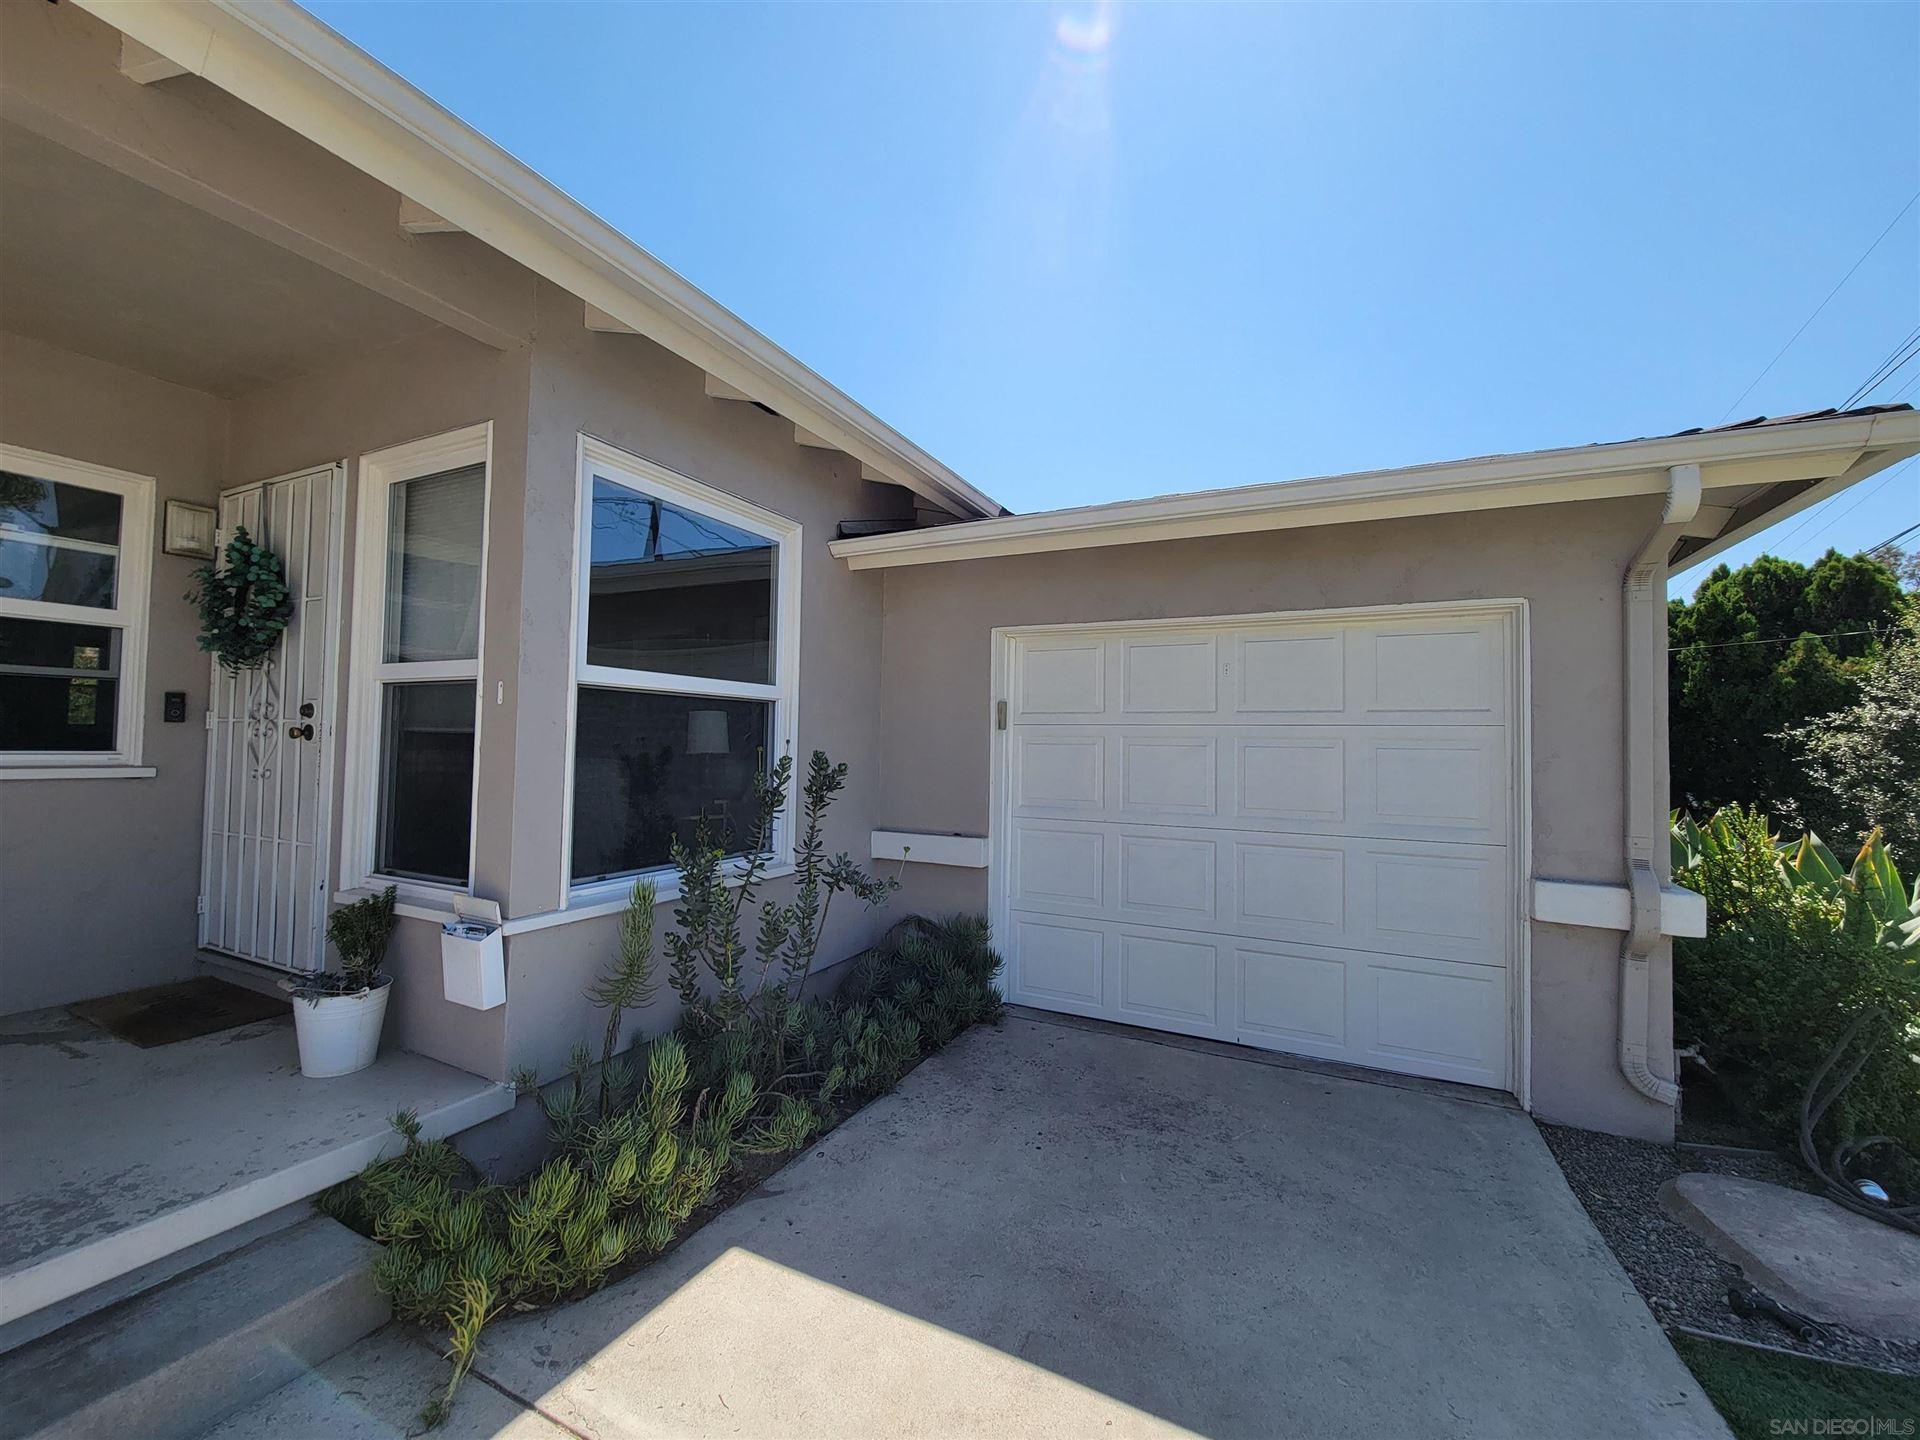 Photo of 6025 Kelton Ave, La Mesa, CA 91942 (MLS # 210026601)